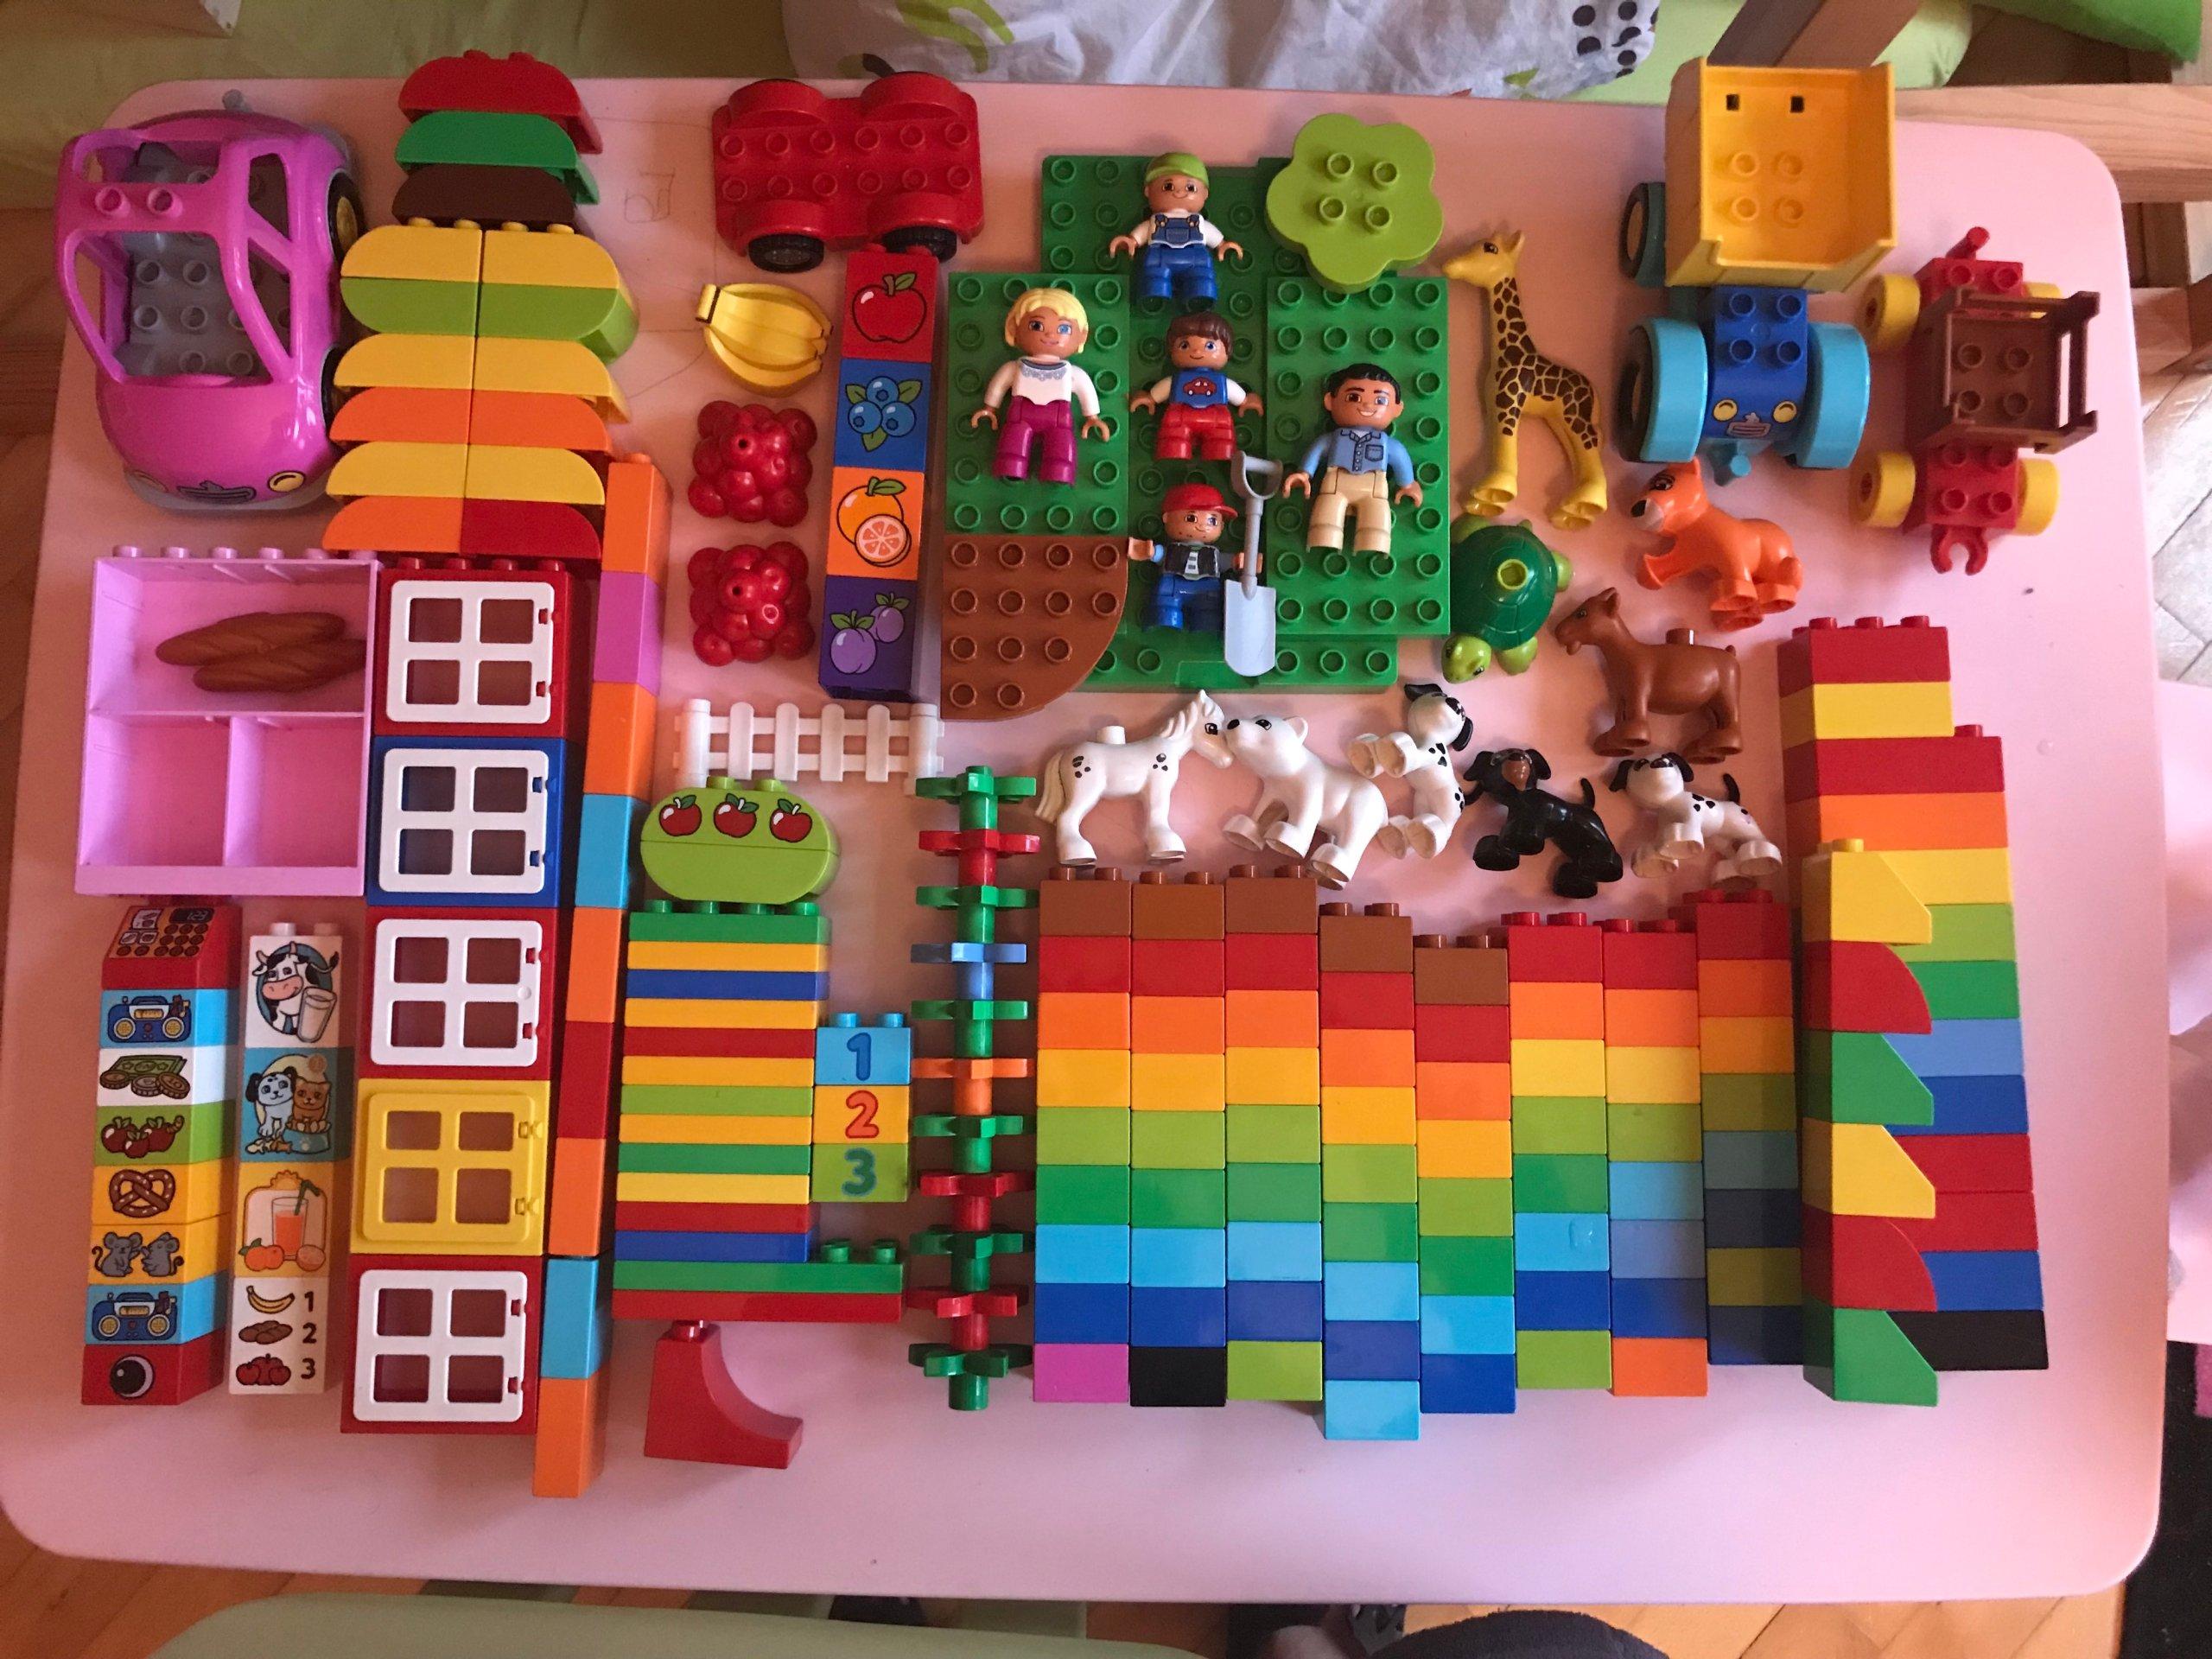 Klocki Lego Duplo Zestaw 177 Części 7354883357 Oficjalne